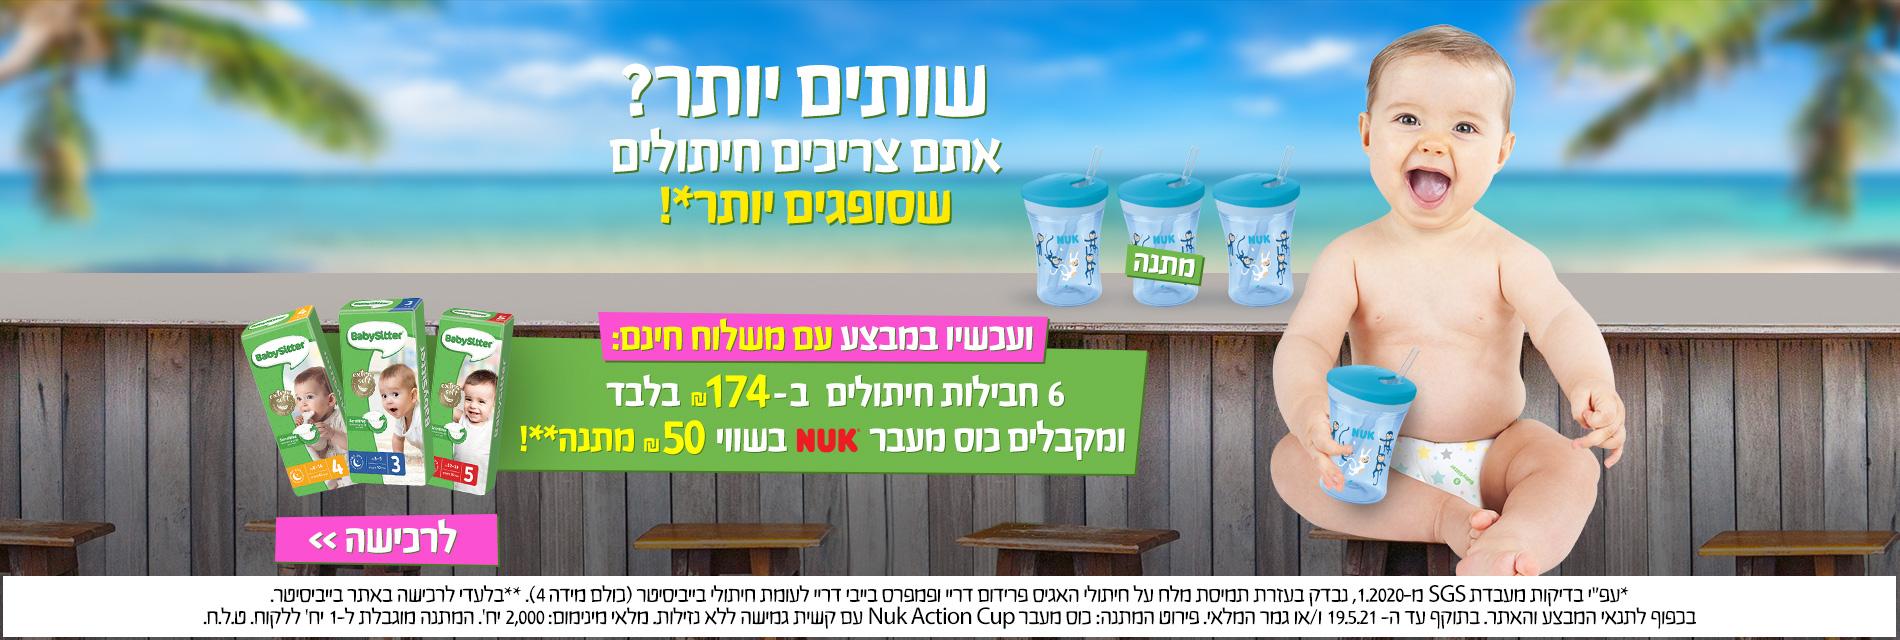 קונים 6 חבילות חיתולים ב-174 ומקבלים כוס מעבר נוק מתנה